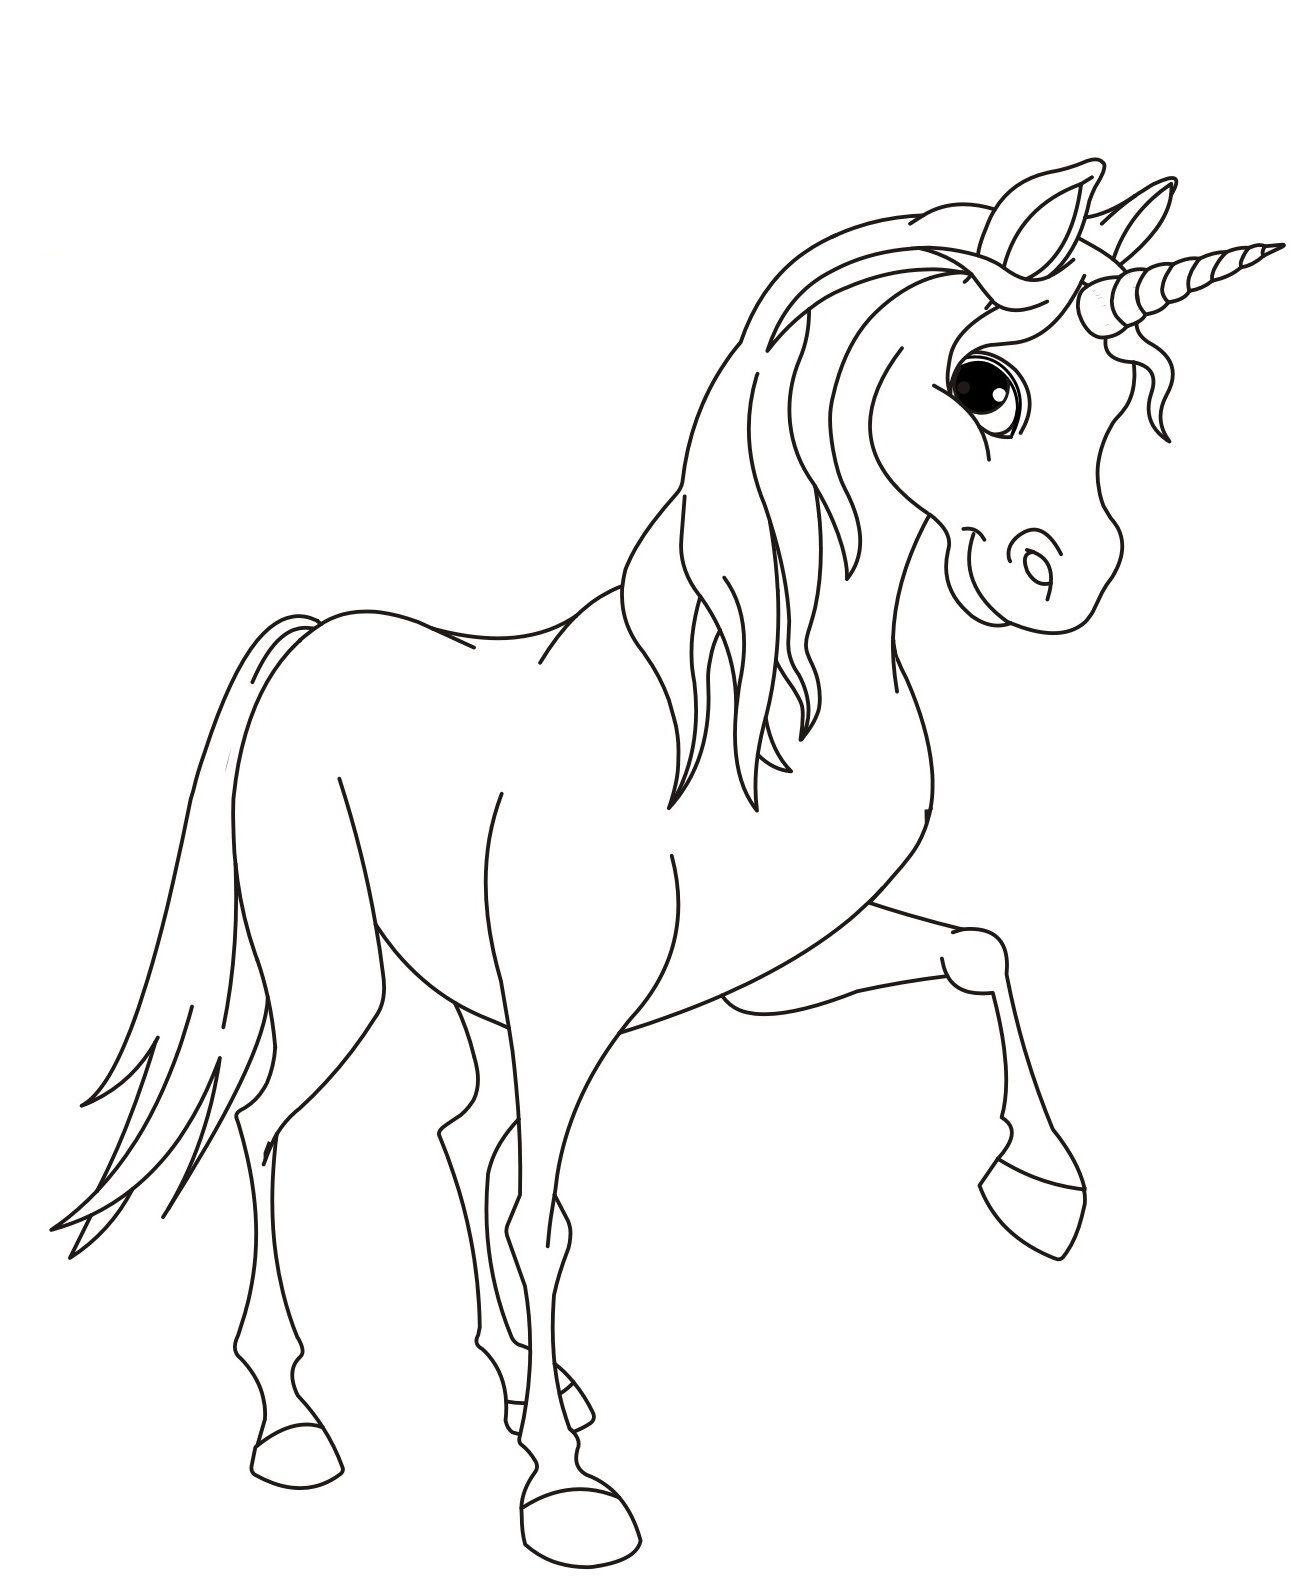 malvorlagen einhorn kostenlos 05 | Kinder | Pinterest | Unicorns ...